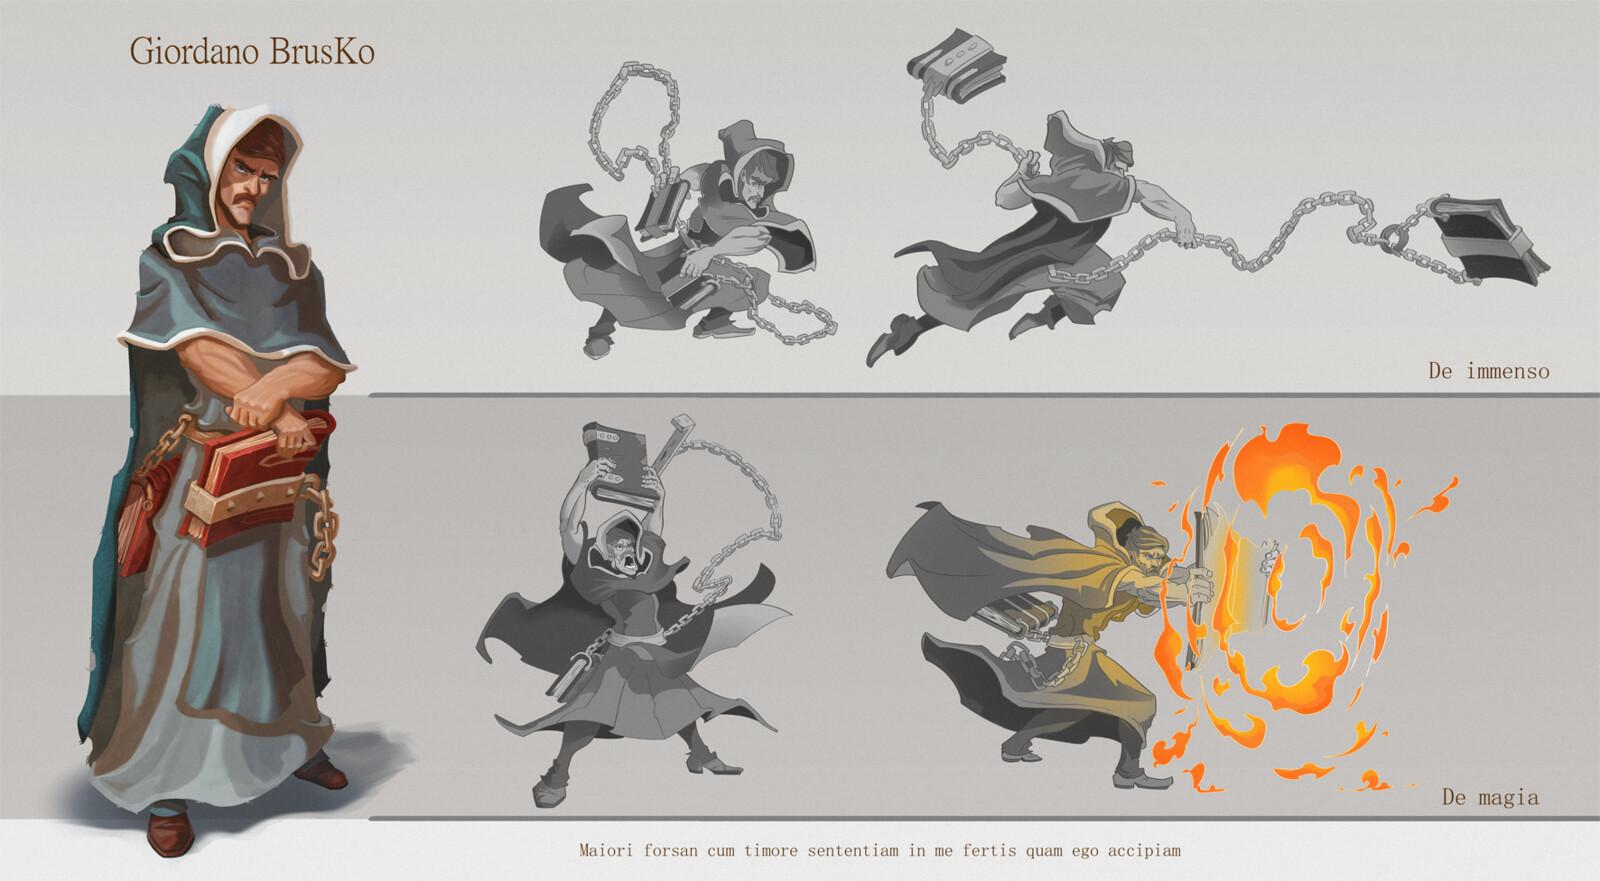 De immenso: strenght attack De magia: magic fire attack